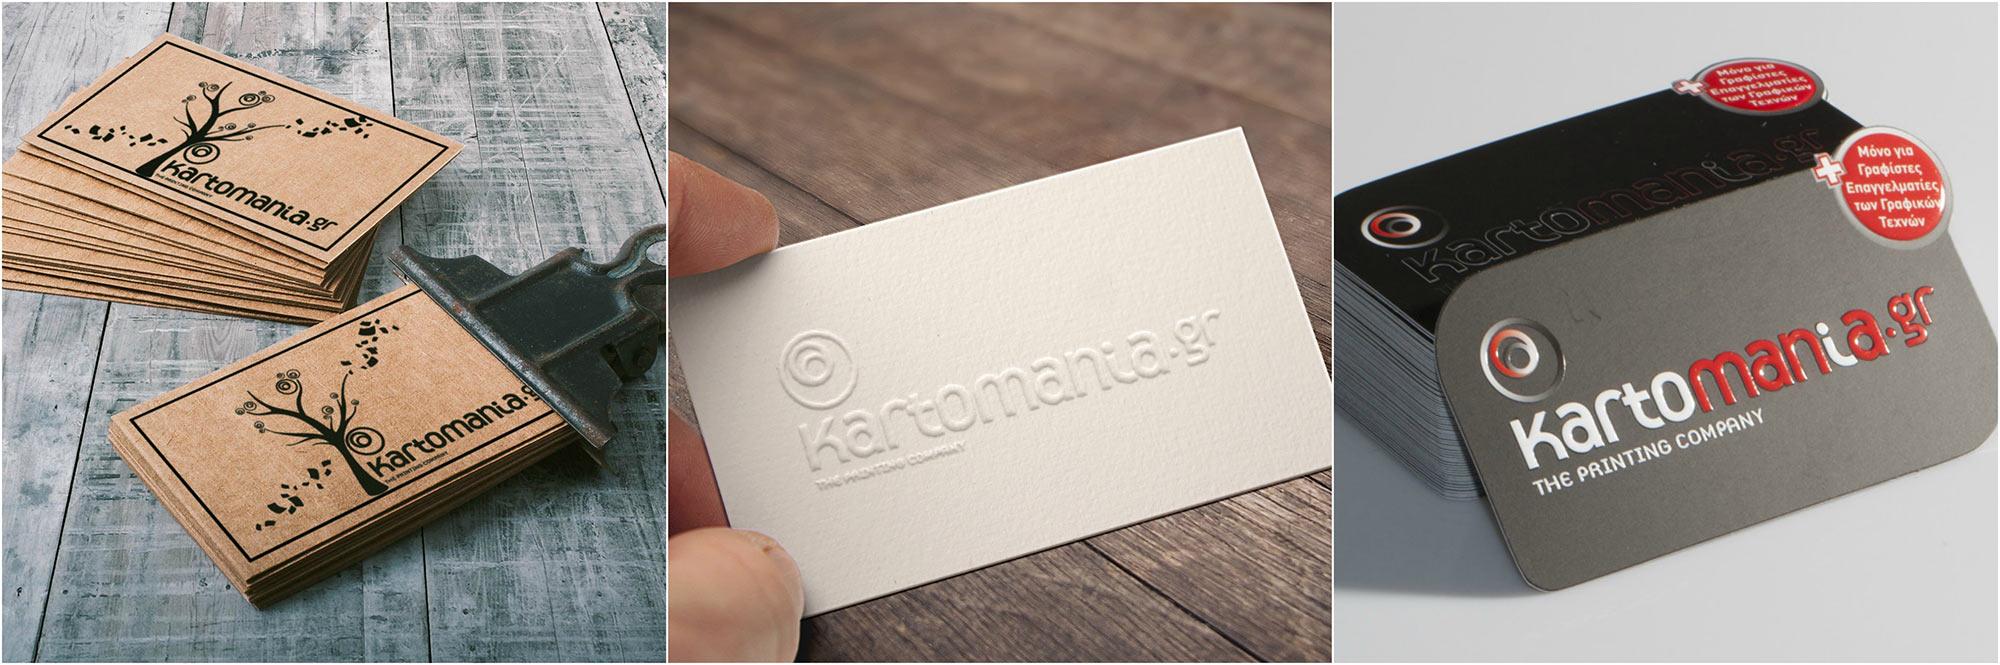 Εκτύπωση επαγγελματικής κάρτας